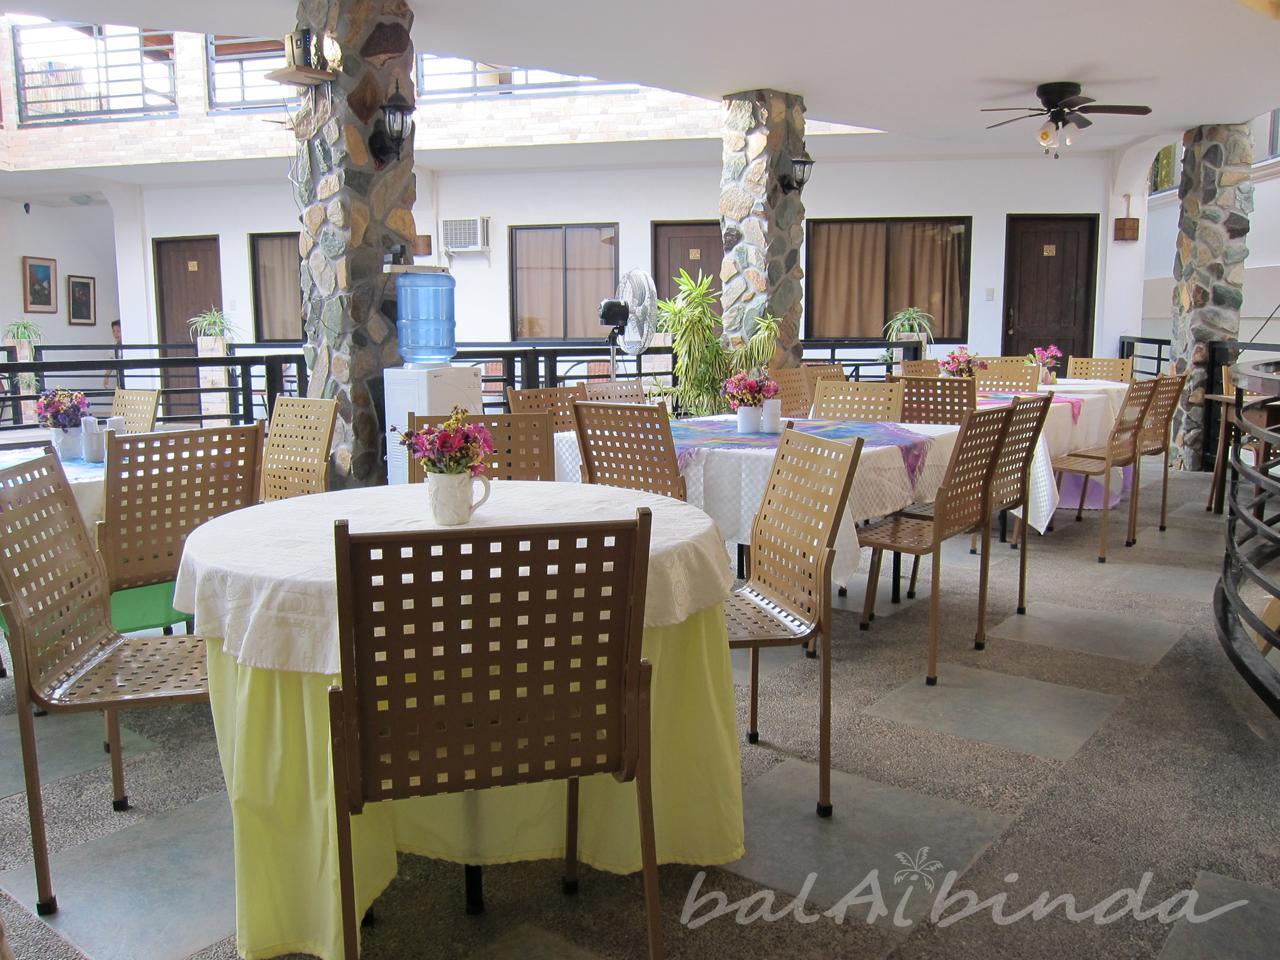 Balaibinda Lodge 3